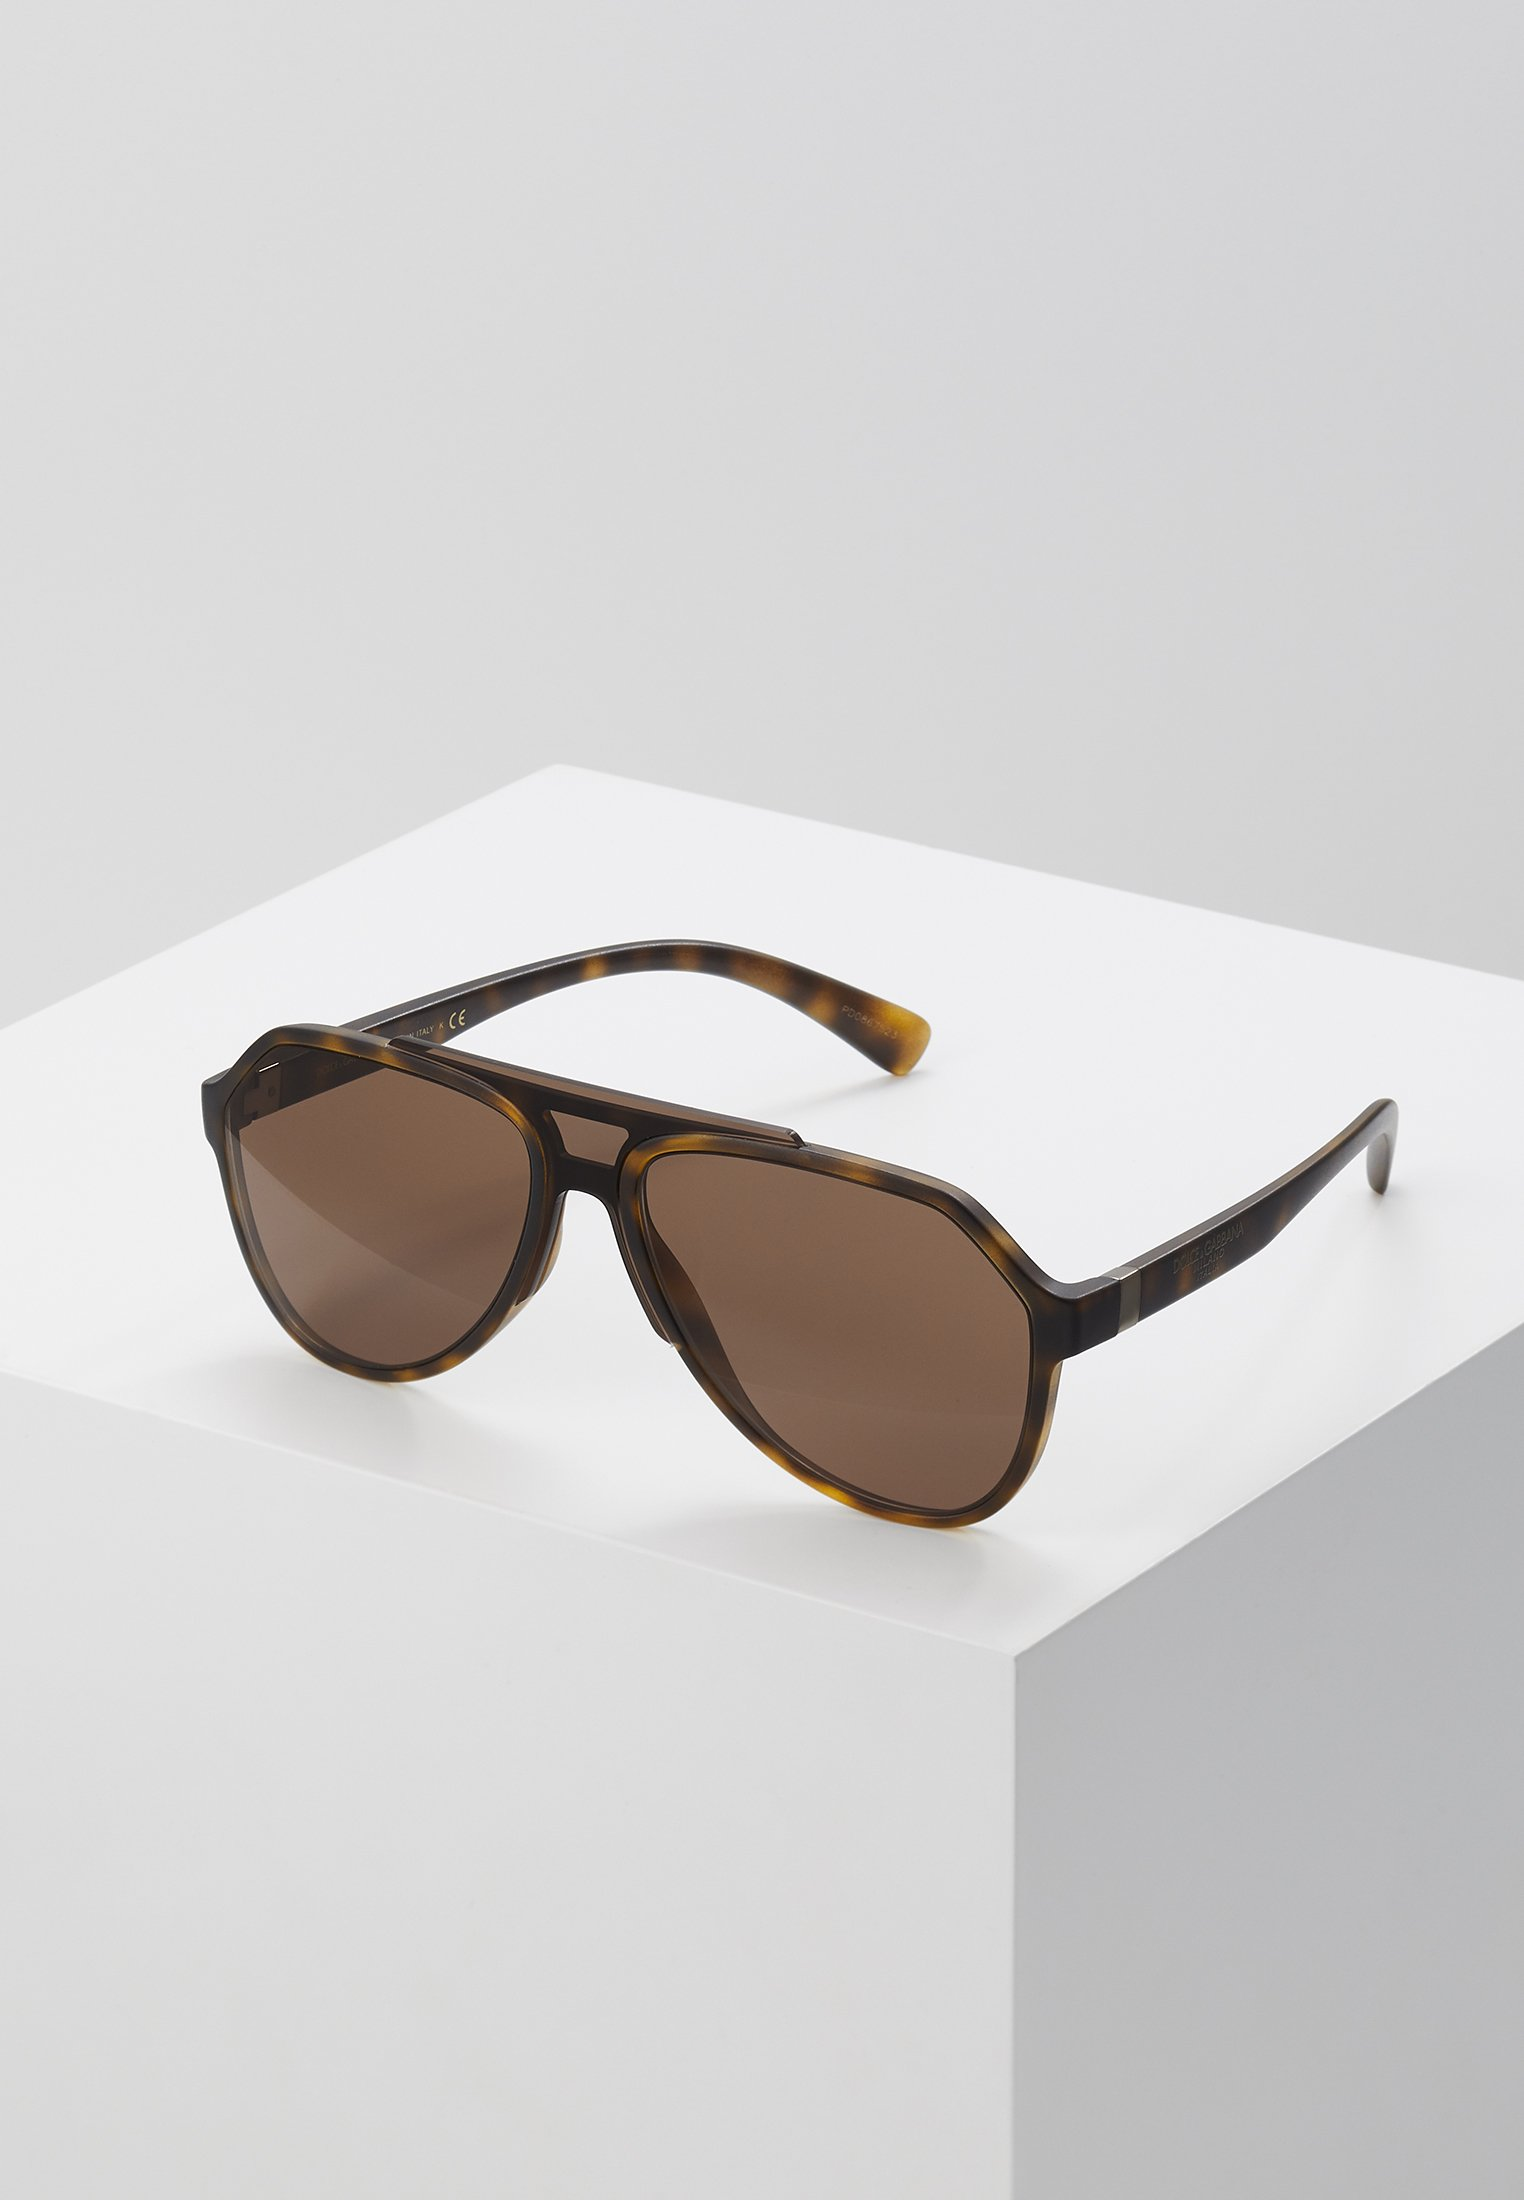 2013 Outlet Dolce&Gabbana Sunglasses - matte havana   men's accessories 2020 pVCZR